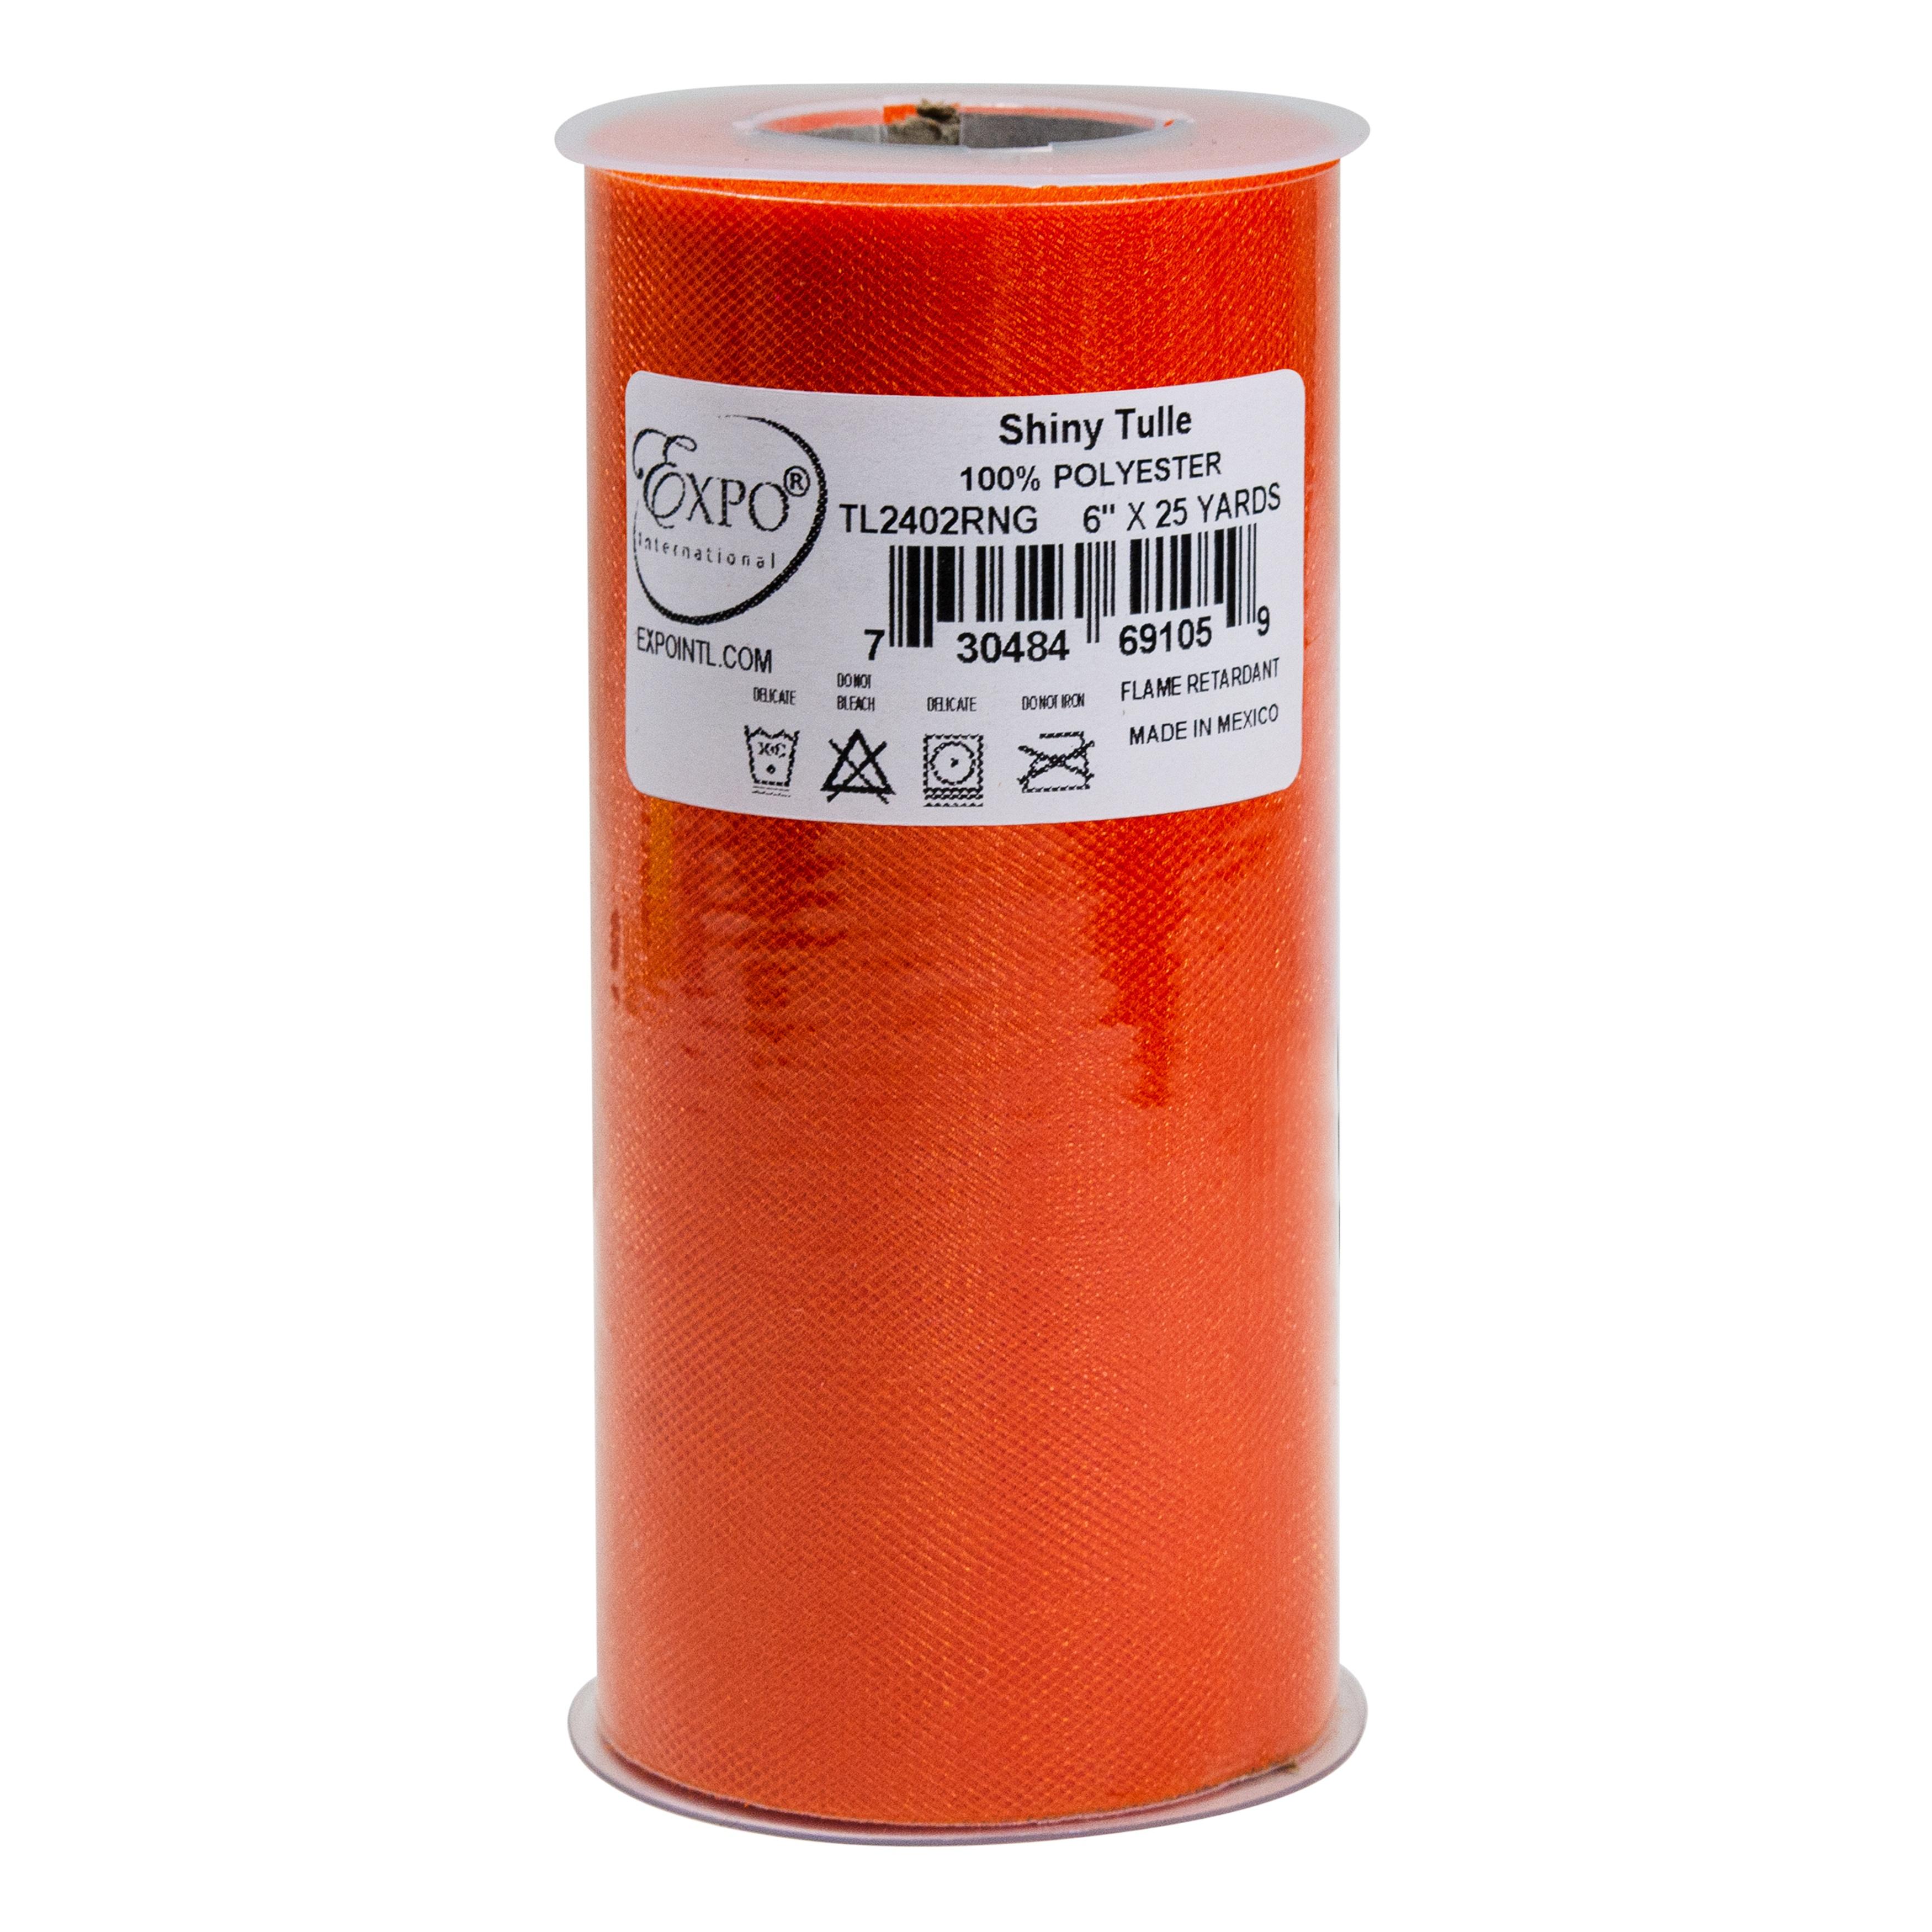 Expo Shiny Tulle Spool of 25-Yard Orange